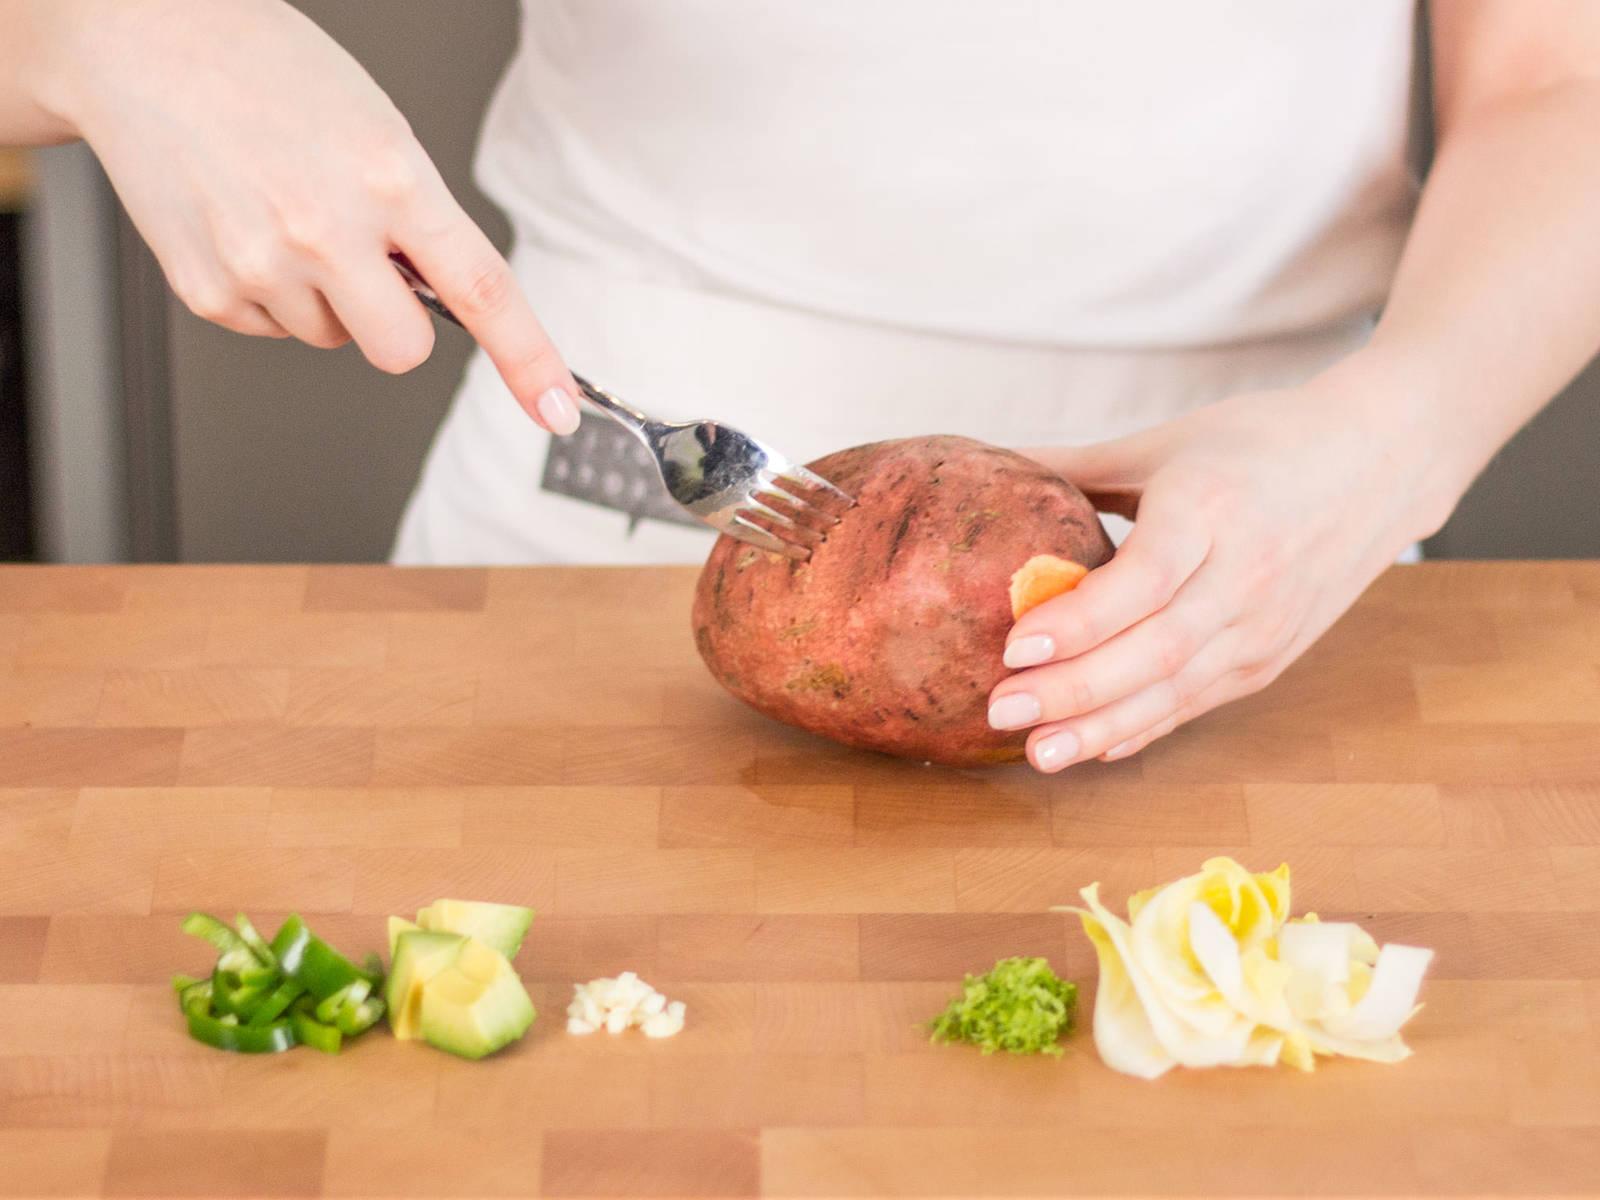 Ofen auf 200°C vorheizen. Süßkartoffeln 5-7 Mal mit einer Gabel einstechen. Limetten auspressen und Schale abreiben. Etwas Saft für die Füllung zur Seite stellen. Knoblauch fein hacken. Paprika, Avocado und Chicorée in mundgerechte Stücke schneiden. Wenn gewünscht, Chilischote fein hacken.